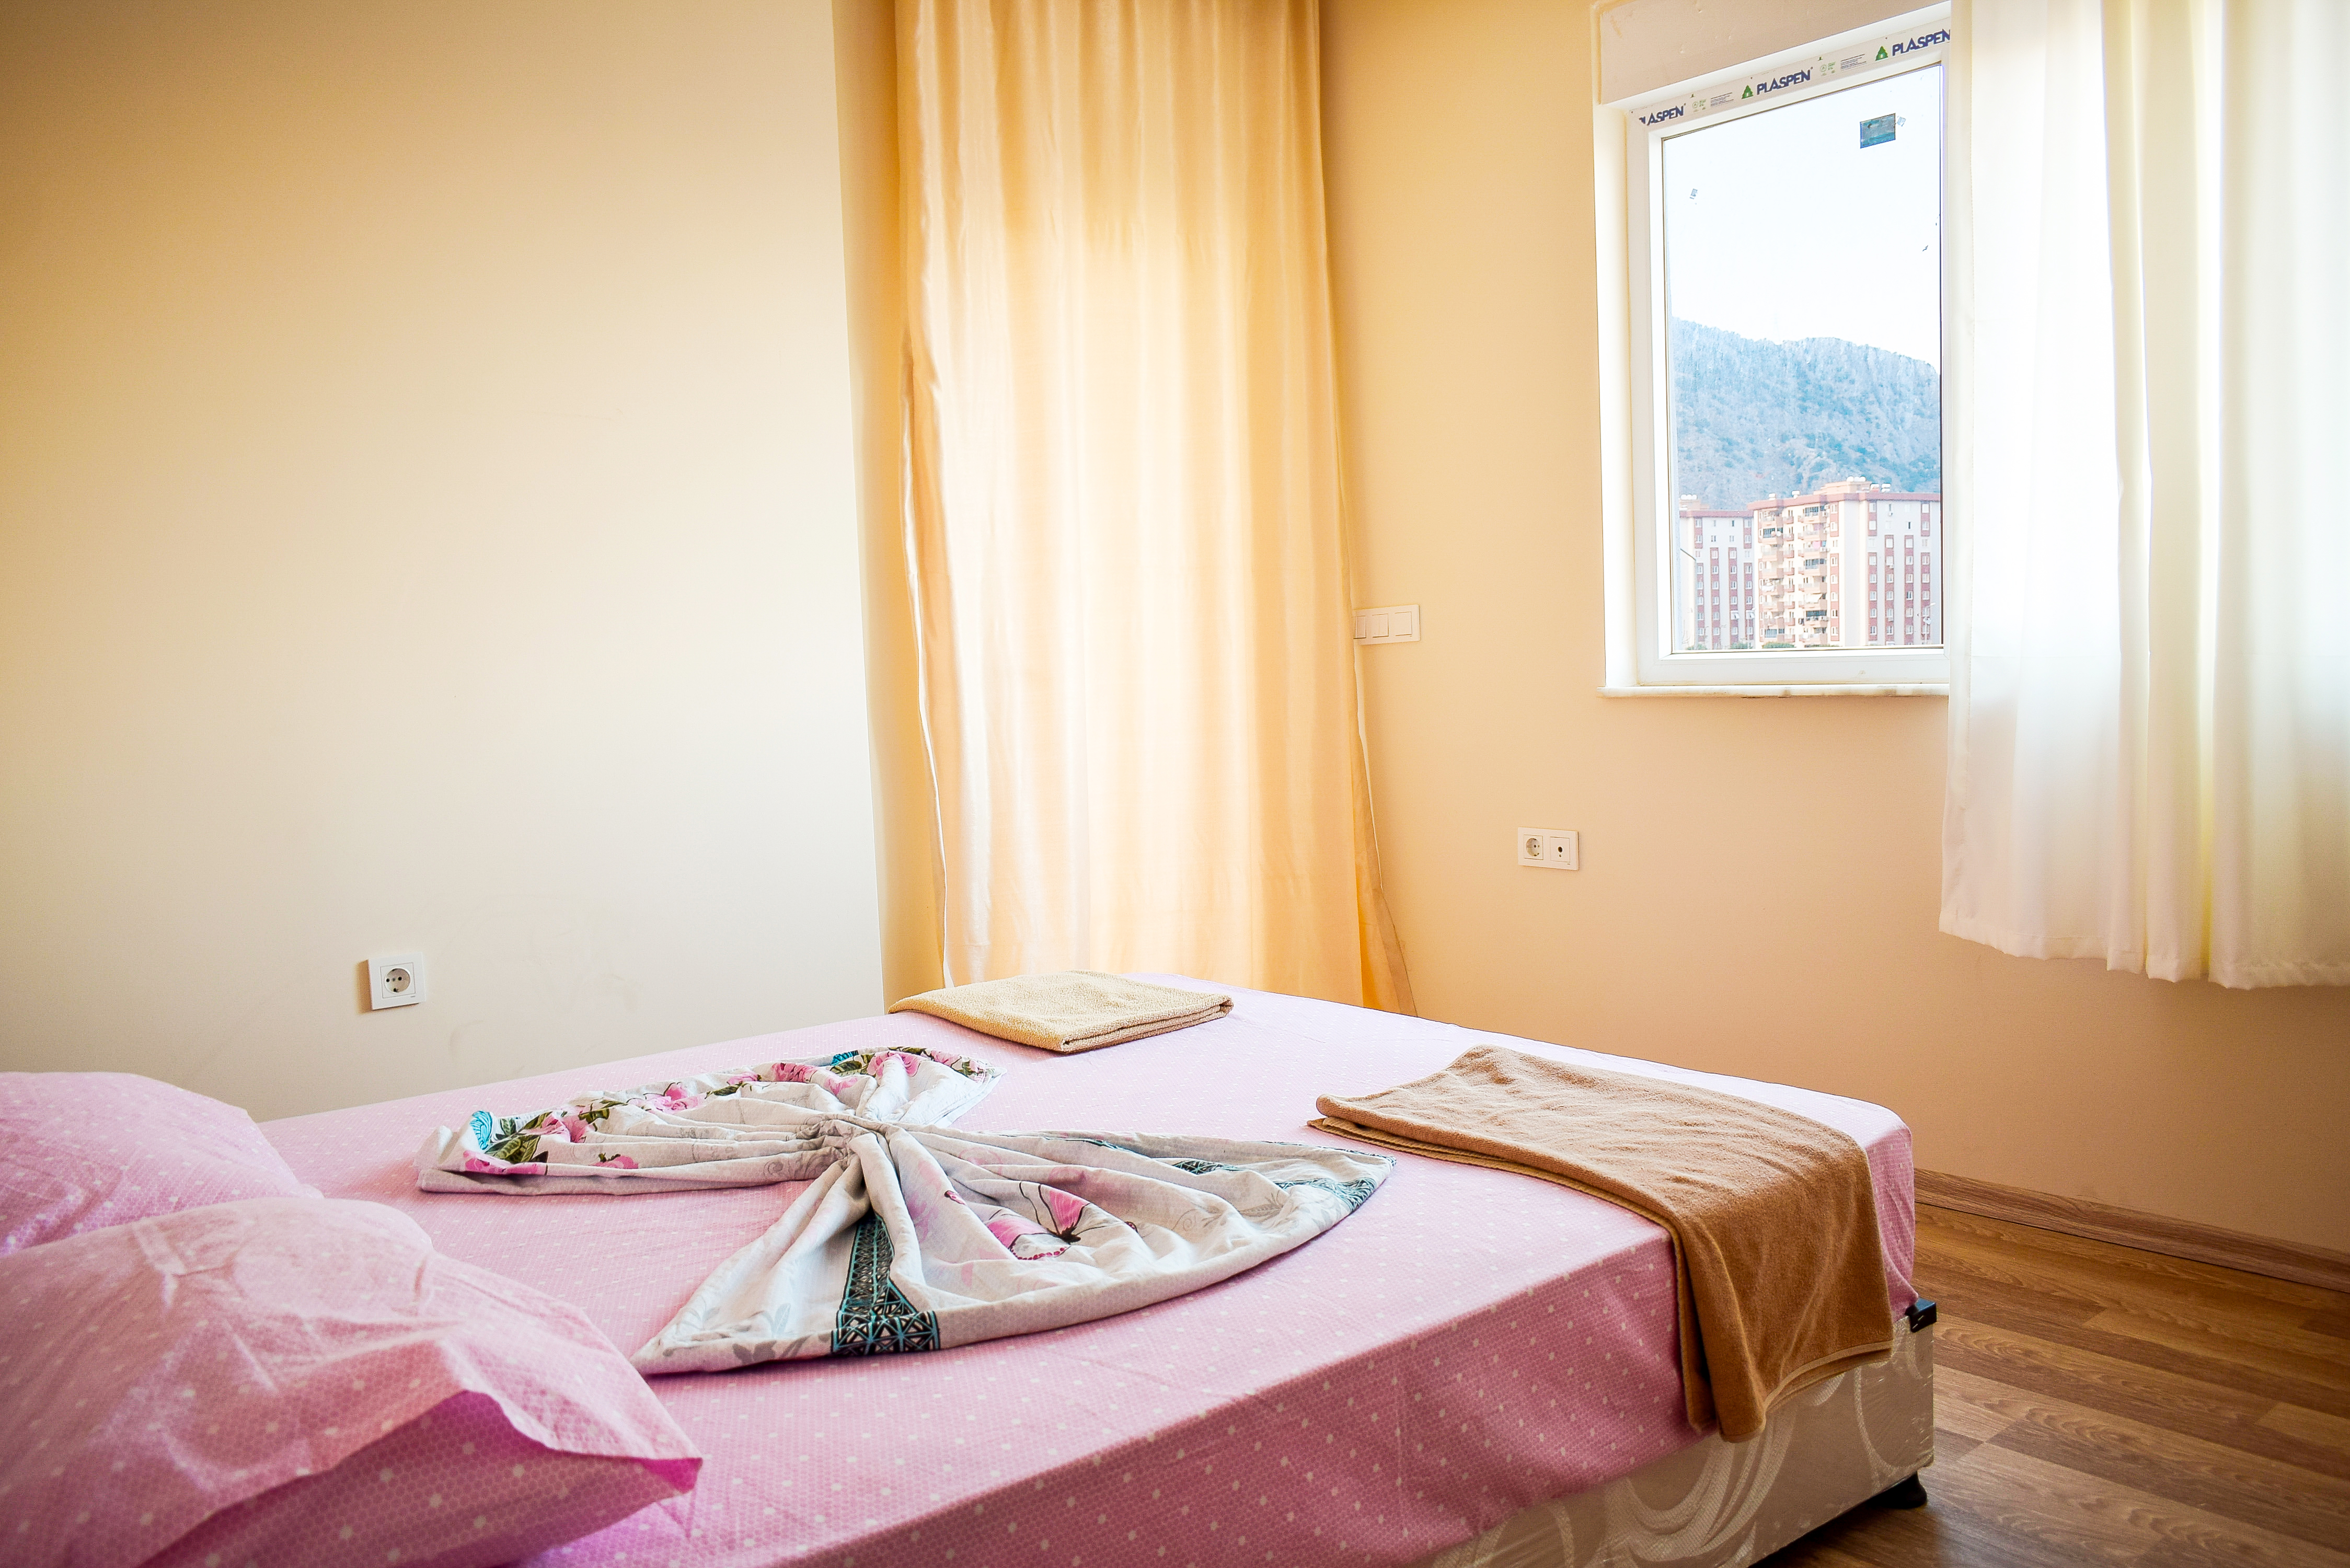 Ferienwohnung Gerumige 2 Schlafzimmer fr 5 mit Blick auf die Berge Gratis Wifi (2782161), Çakirlar, , Mittelmeerregion, Türkei, Bild 9